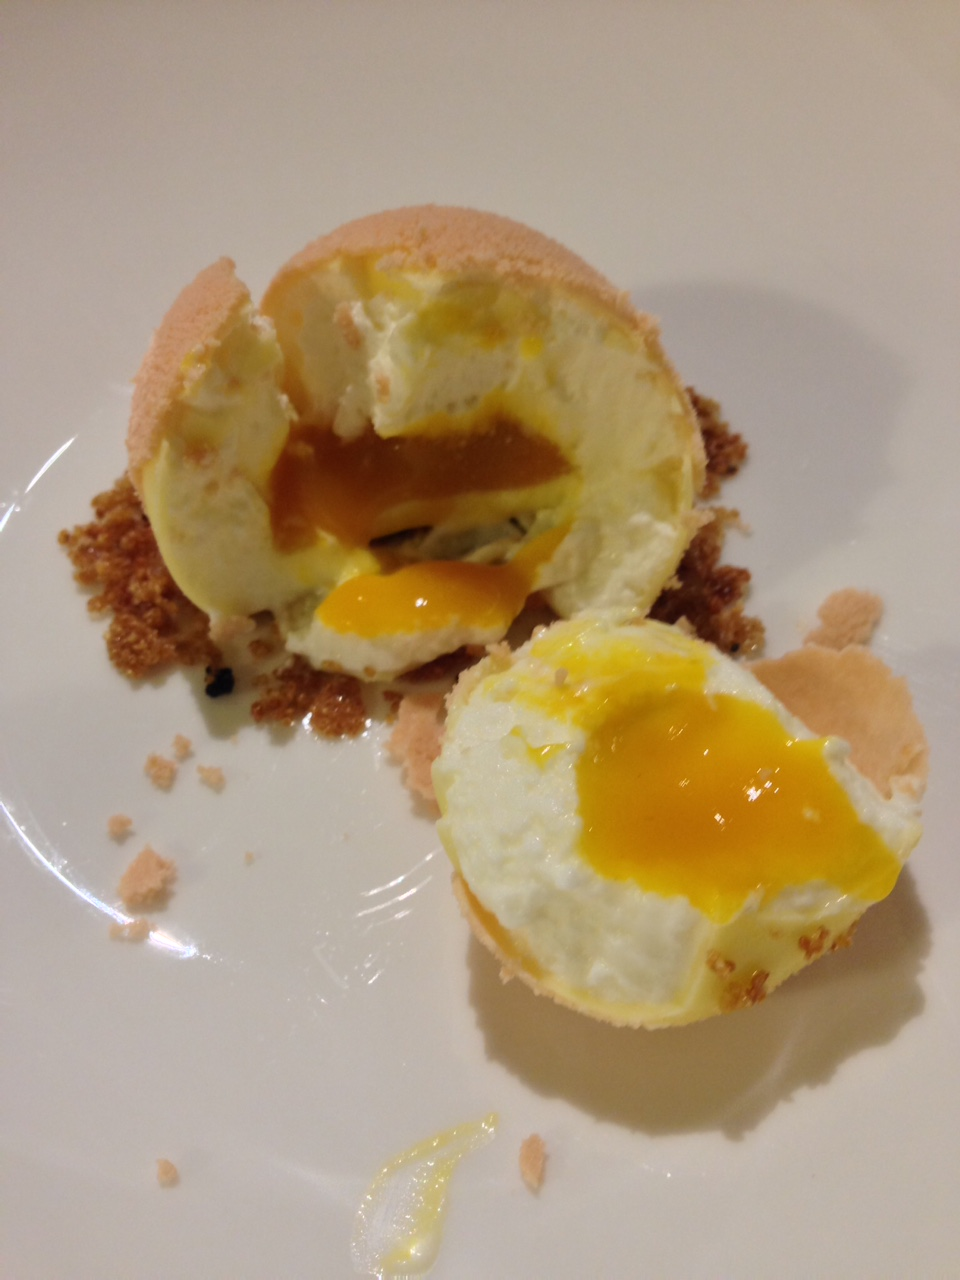 uovo, mango e yogurt: il dolce squisito di Andrea Berton -  Qui scoprite gli altri piatti